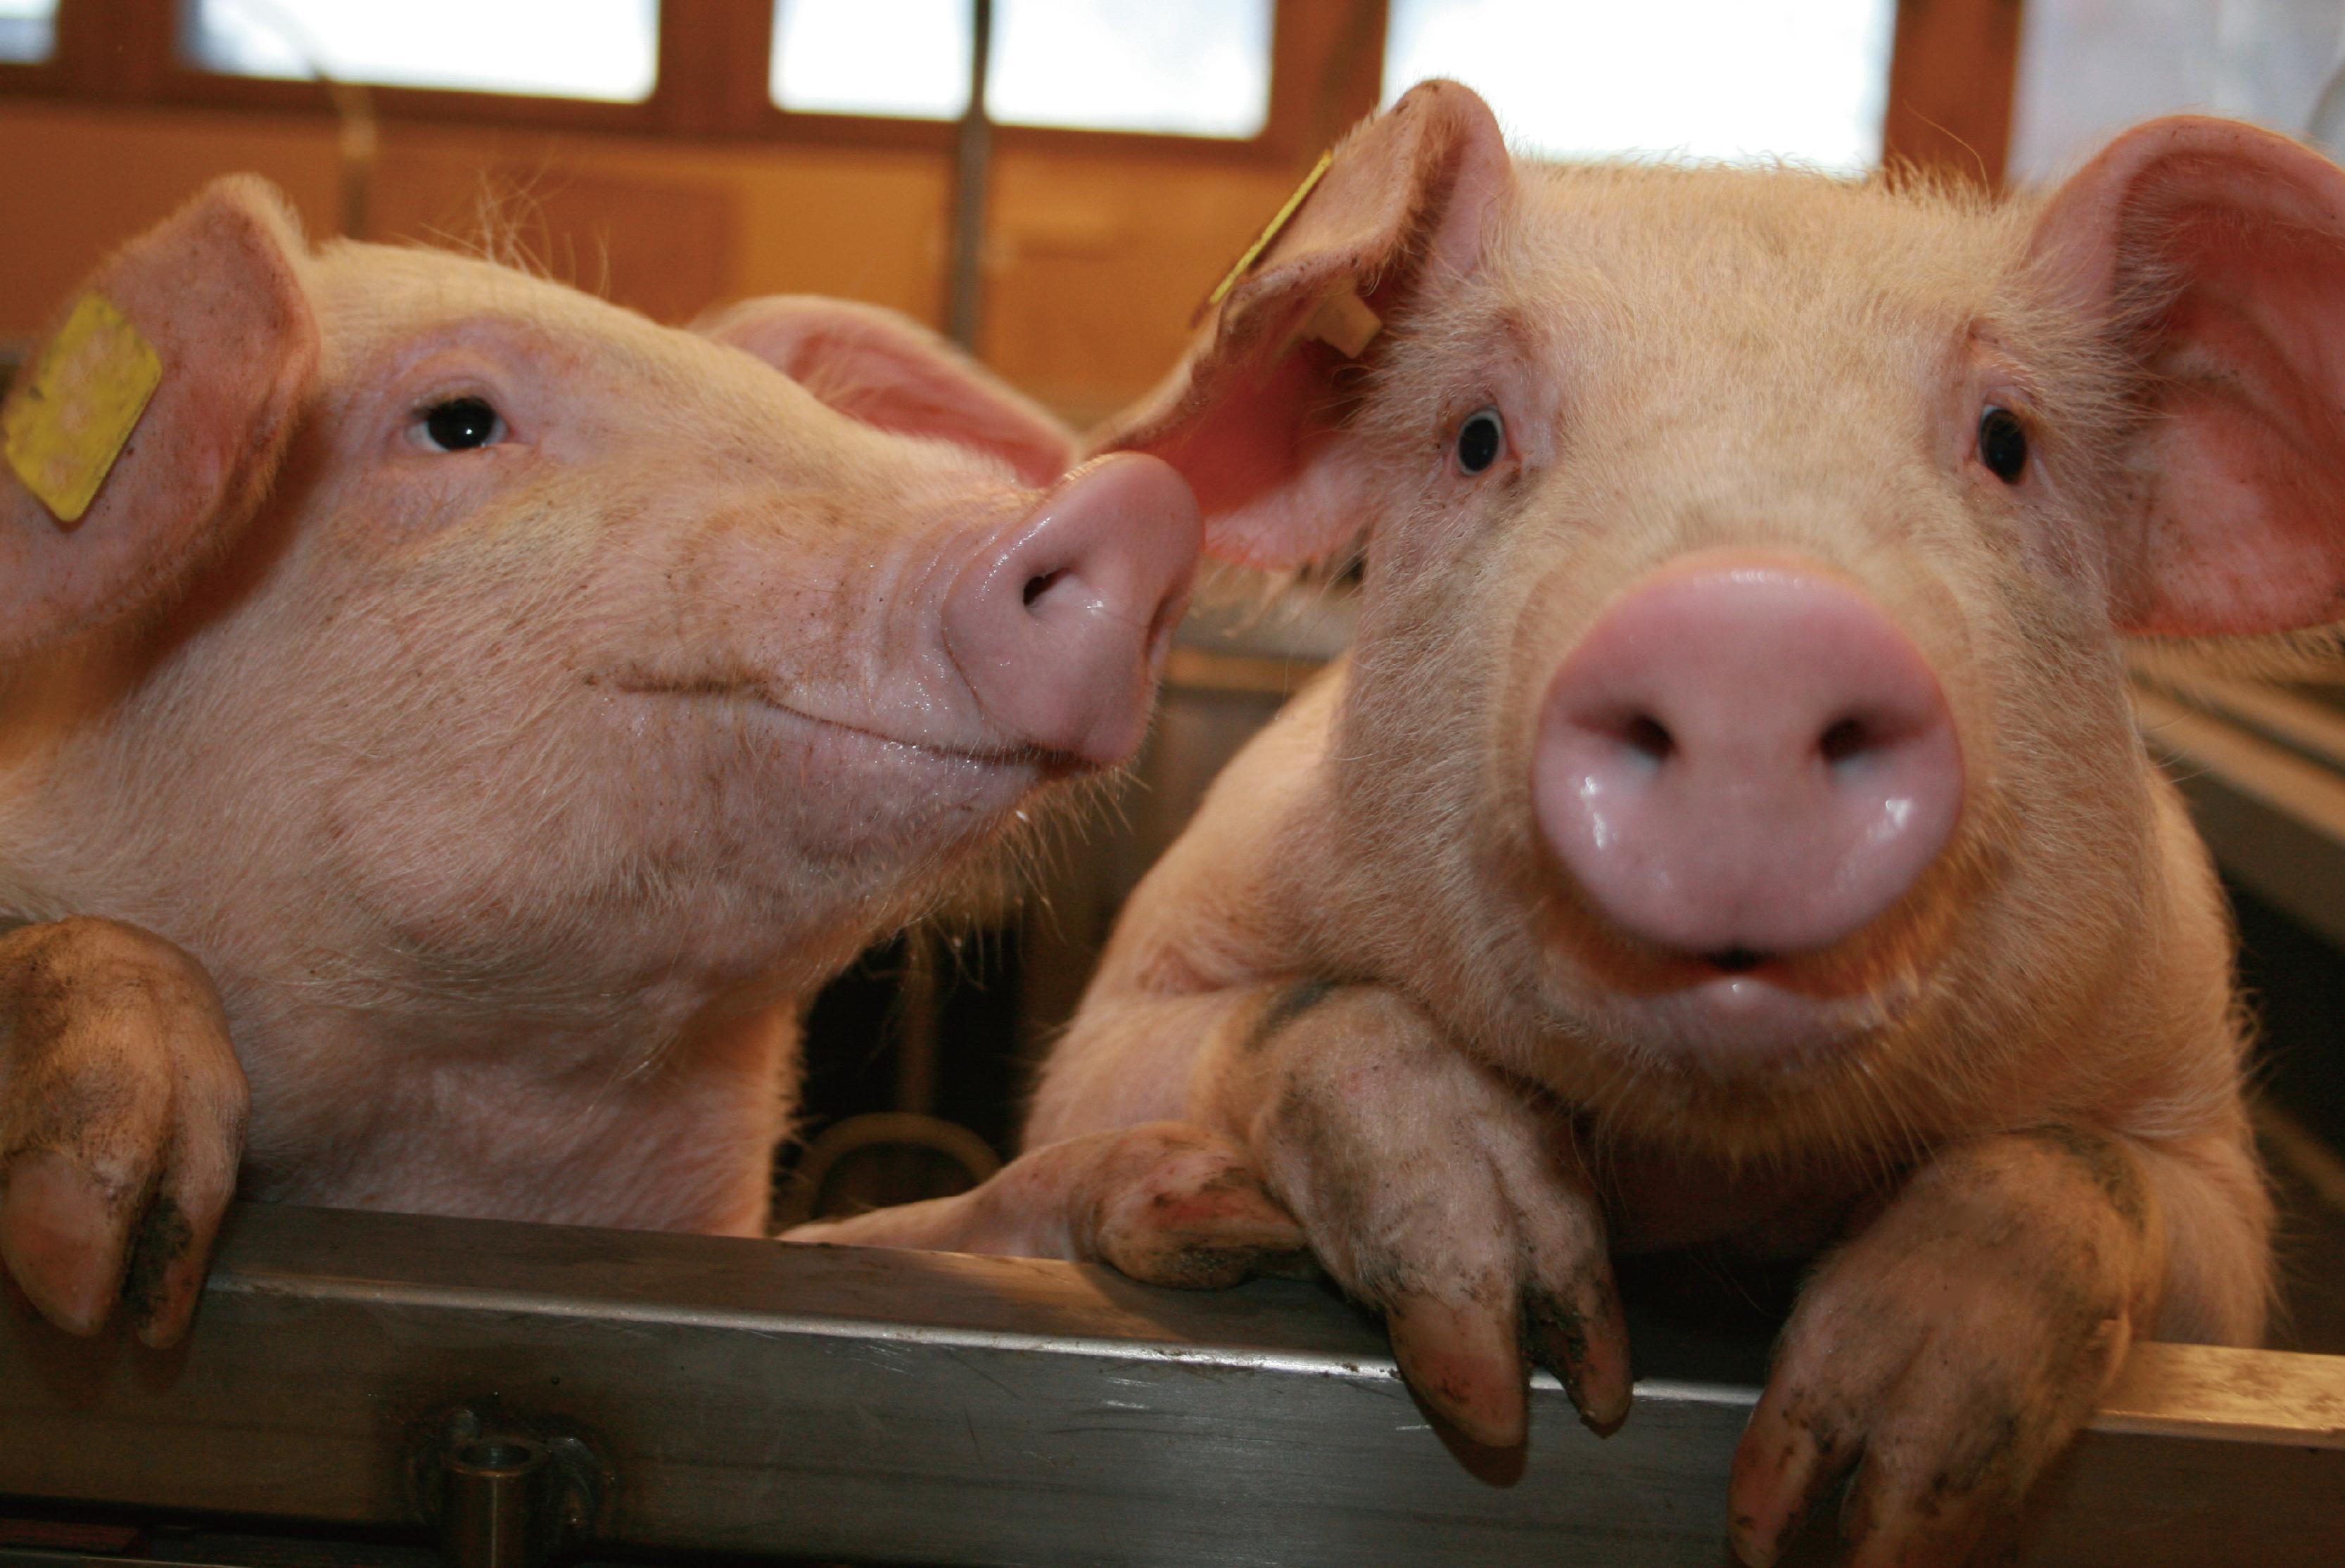 【实证案例】可利舒康提升育肥猪生产性能及健康状况